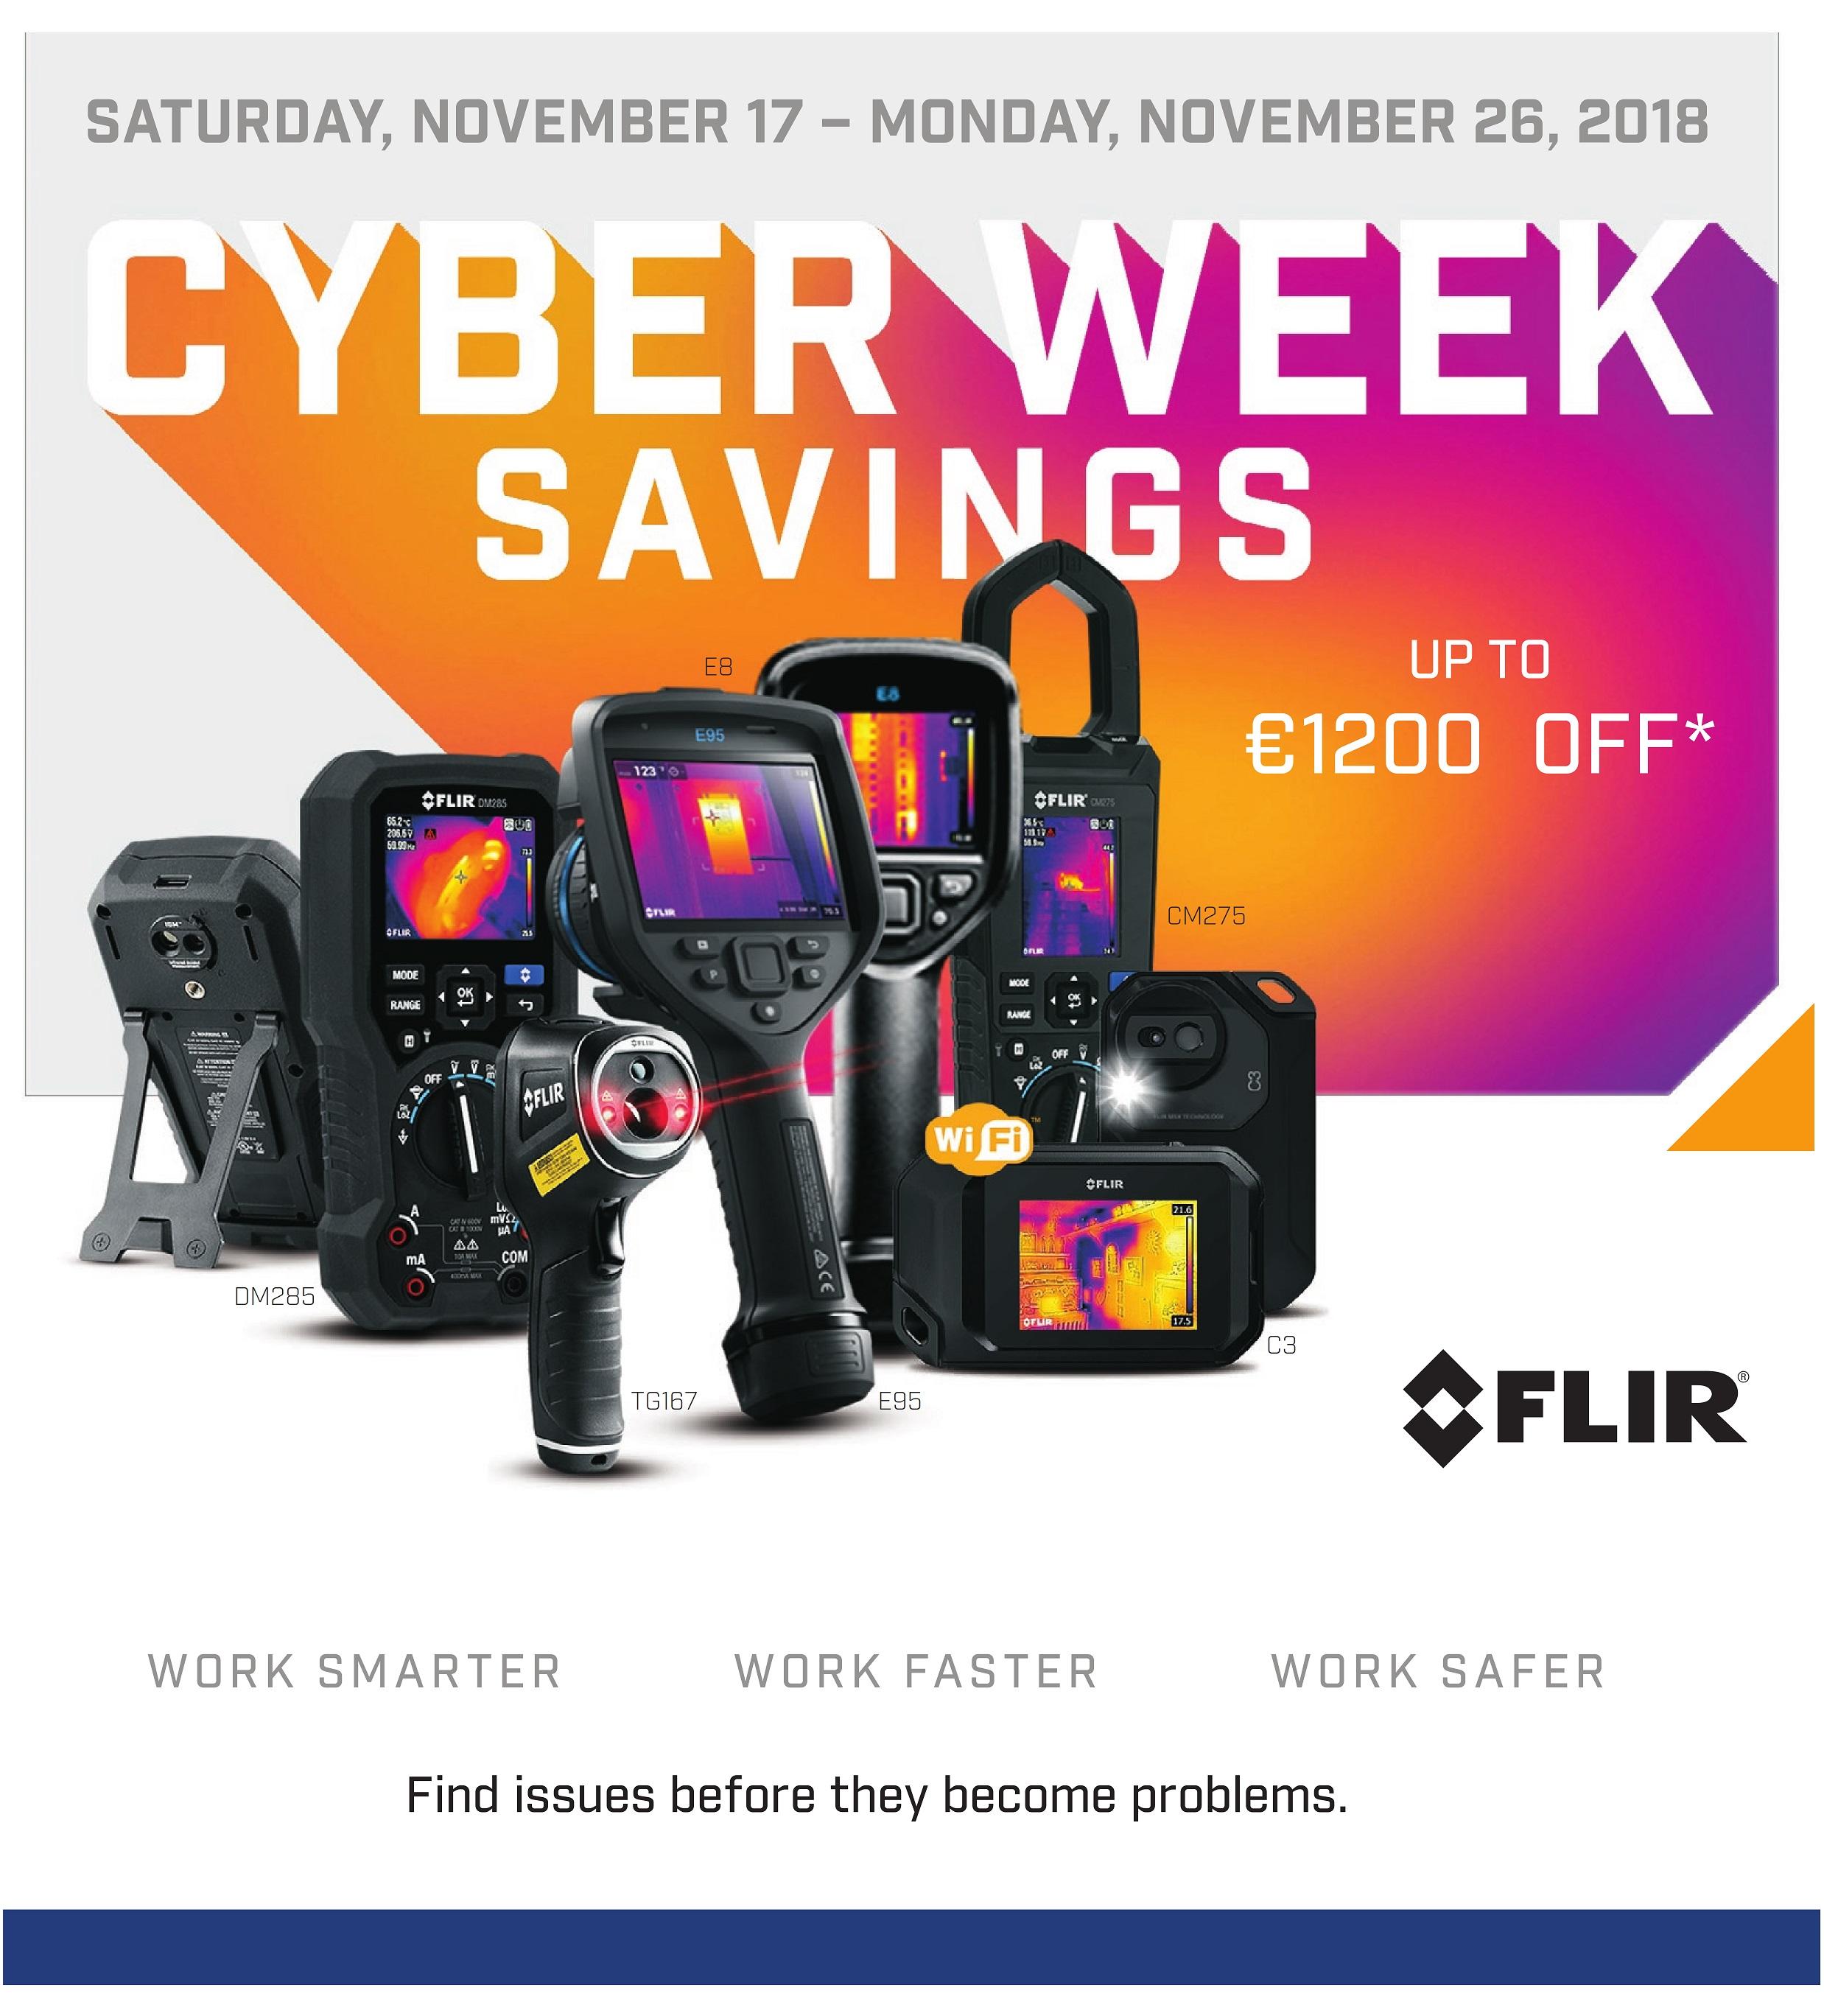 FLIR Black Friday/Cyber Week, akár 20% kedvezménnyel!